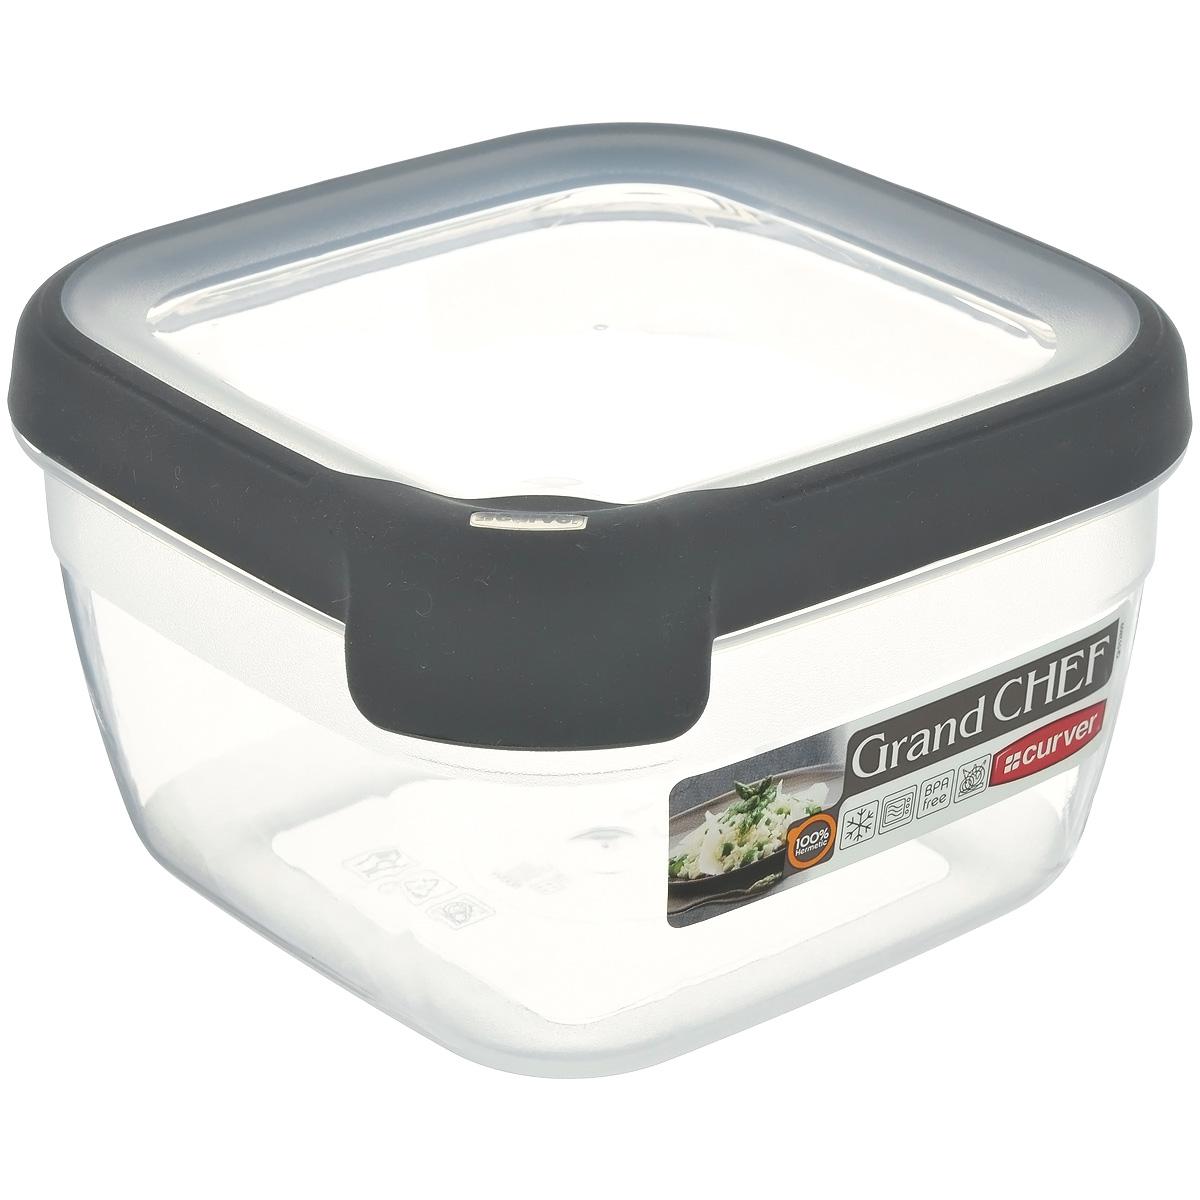 Емкость для заморозки и СВЧ Curver Grand Chef, цвет: серый, 1,2 л. 00014-673-00VT-1520(SR)Квадратная емкость для заморозки и СВЧ Grand Chef изготовлена из высококачественного пищевого пластика (BPA free), который выдерживает температуру от -40°С до +100°С. Стенки емкости и крышка прозрачные. Крышка по краю оснащена силиконовой вставкой, благодаря которой плотно и герметично закрывается, дольше сохраняя продукты свежими и вкусными. Сбоку имеются отметки литража. Емкость удобно брать с собой на работу, пикник, дачу, в поход или просто использовать для хранения пищи в холодильнике. Можно использовать в микроволновой печи и для заморозки в морозильной камере. Можно мыть в посудомоечной машине.